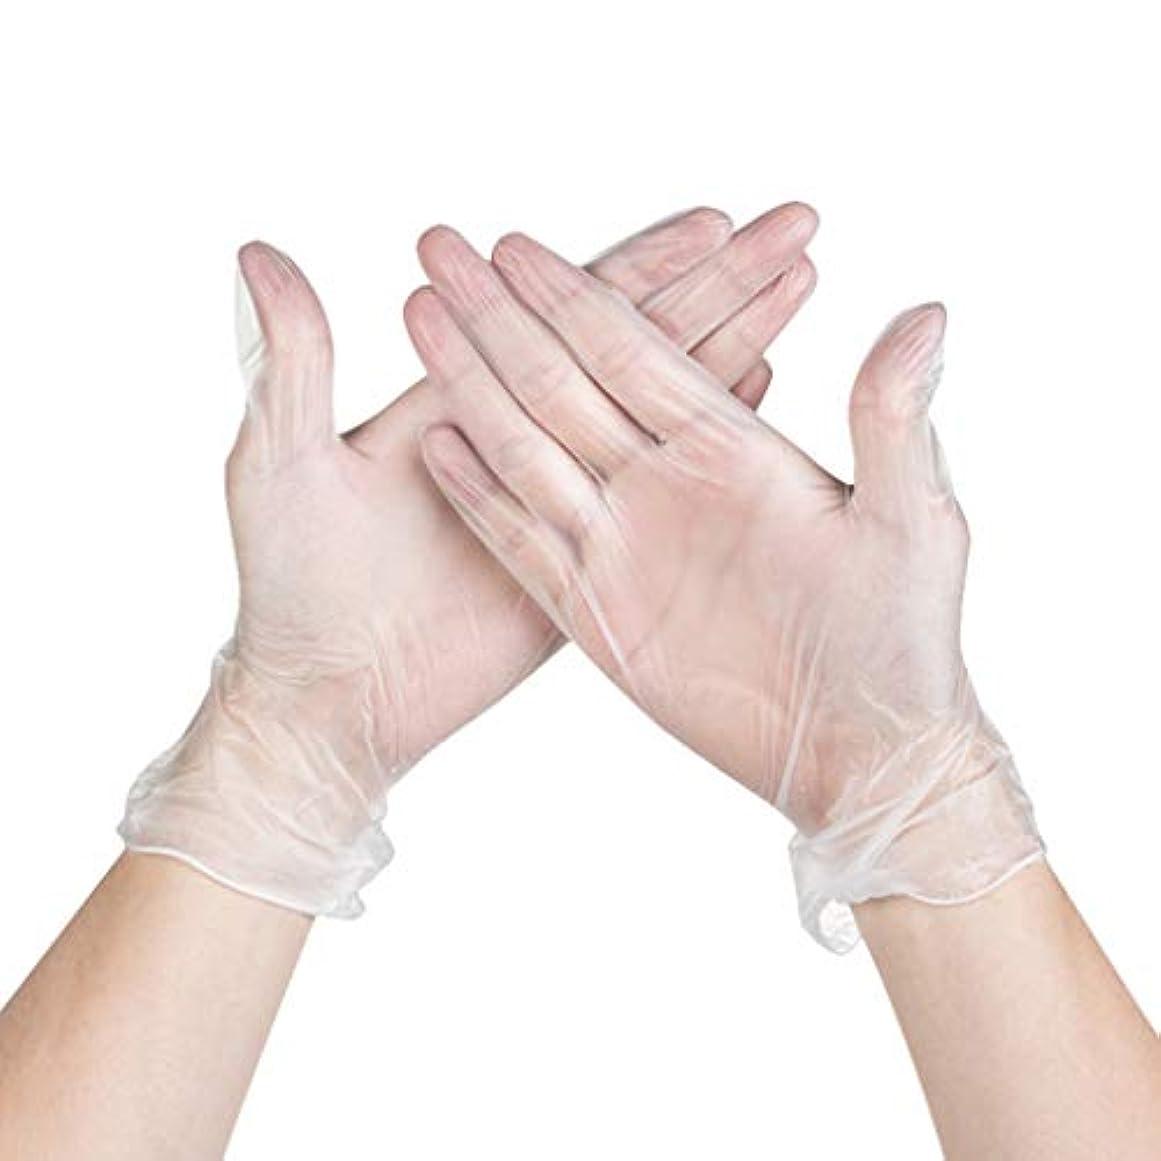 ファイル周り星パウダーフリーの使い捨て医療検査食品電子修理ホーム透明PVC使い捨て手袋箱入り YANW (色 : トランスペアレント, サイズ さいず : M m)